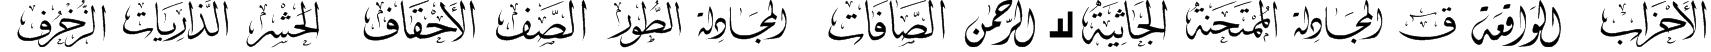 Mcs Swer Al_Quran 2 Font